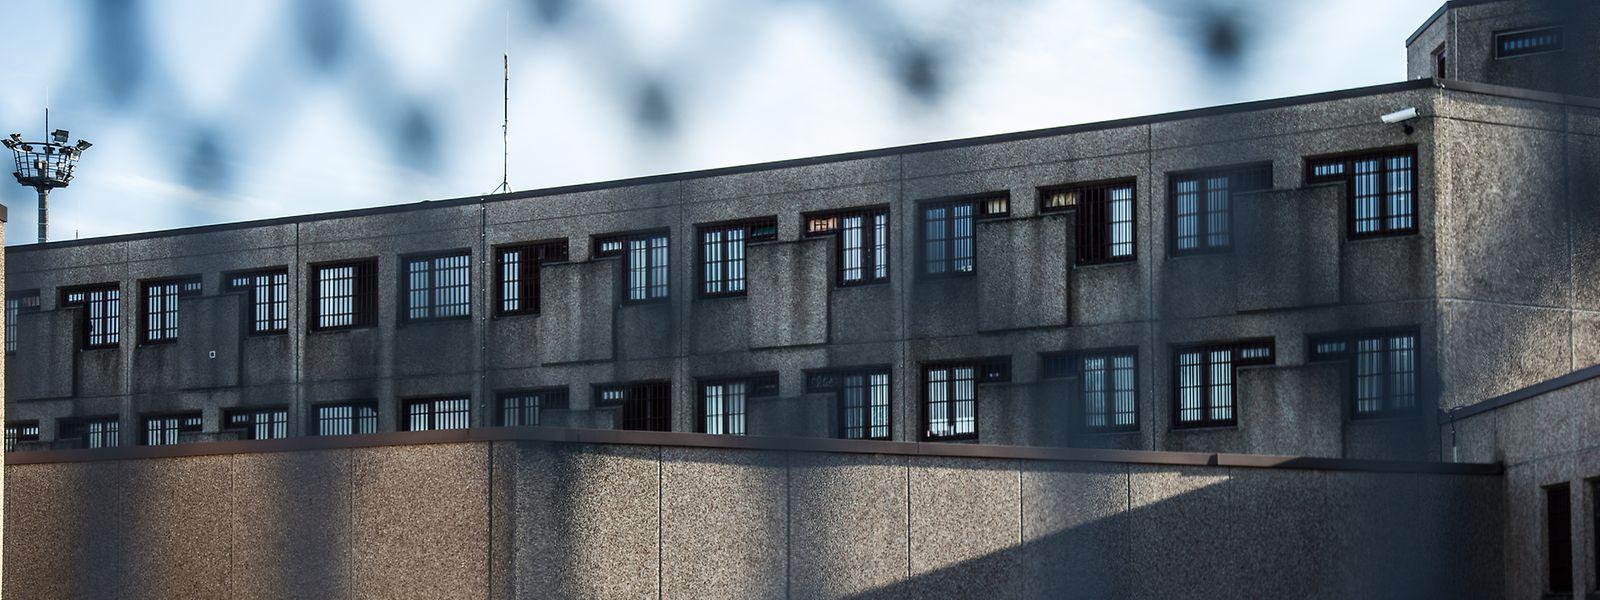 Sollten die kurdischen Autoritäten, die sehr um internationale Anerkennung bemüht sind, dem Haftbefehl der Luxemburger Justiz stattgeben, könnte Steve Duarte schnell zum Fall für luxemburgische Gerichte und den Strafvollzug werden.